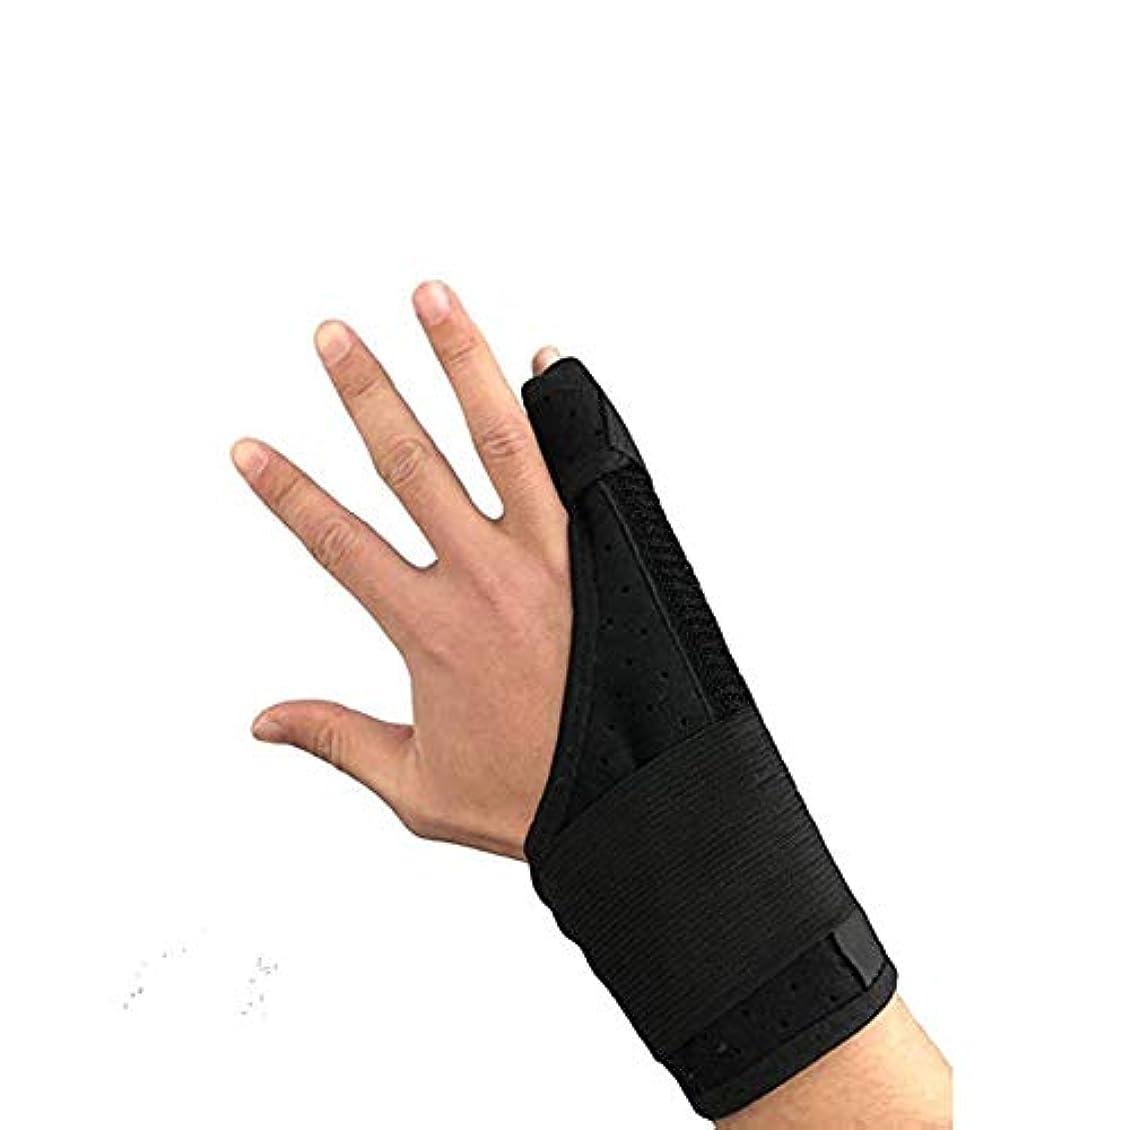 名前を作る甘美な認可痛みを軽減、手根管関節炎のクランプサポート通気性の手首と親指ブロークン?スタビライザーニーパッドを指